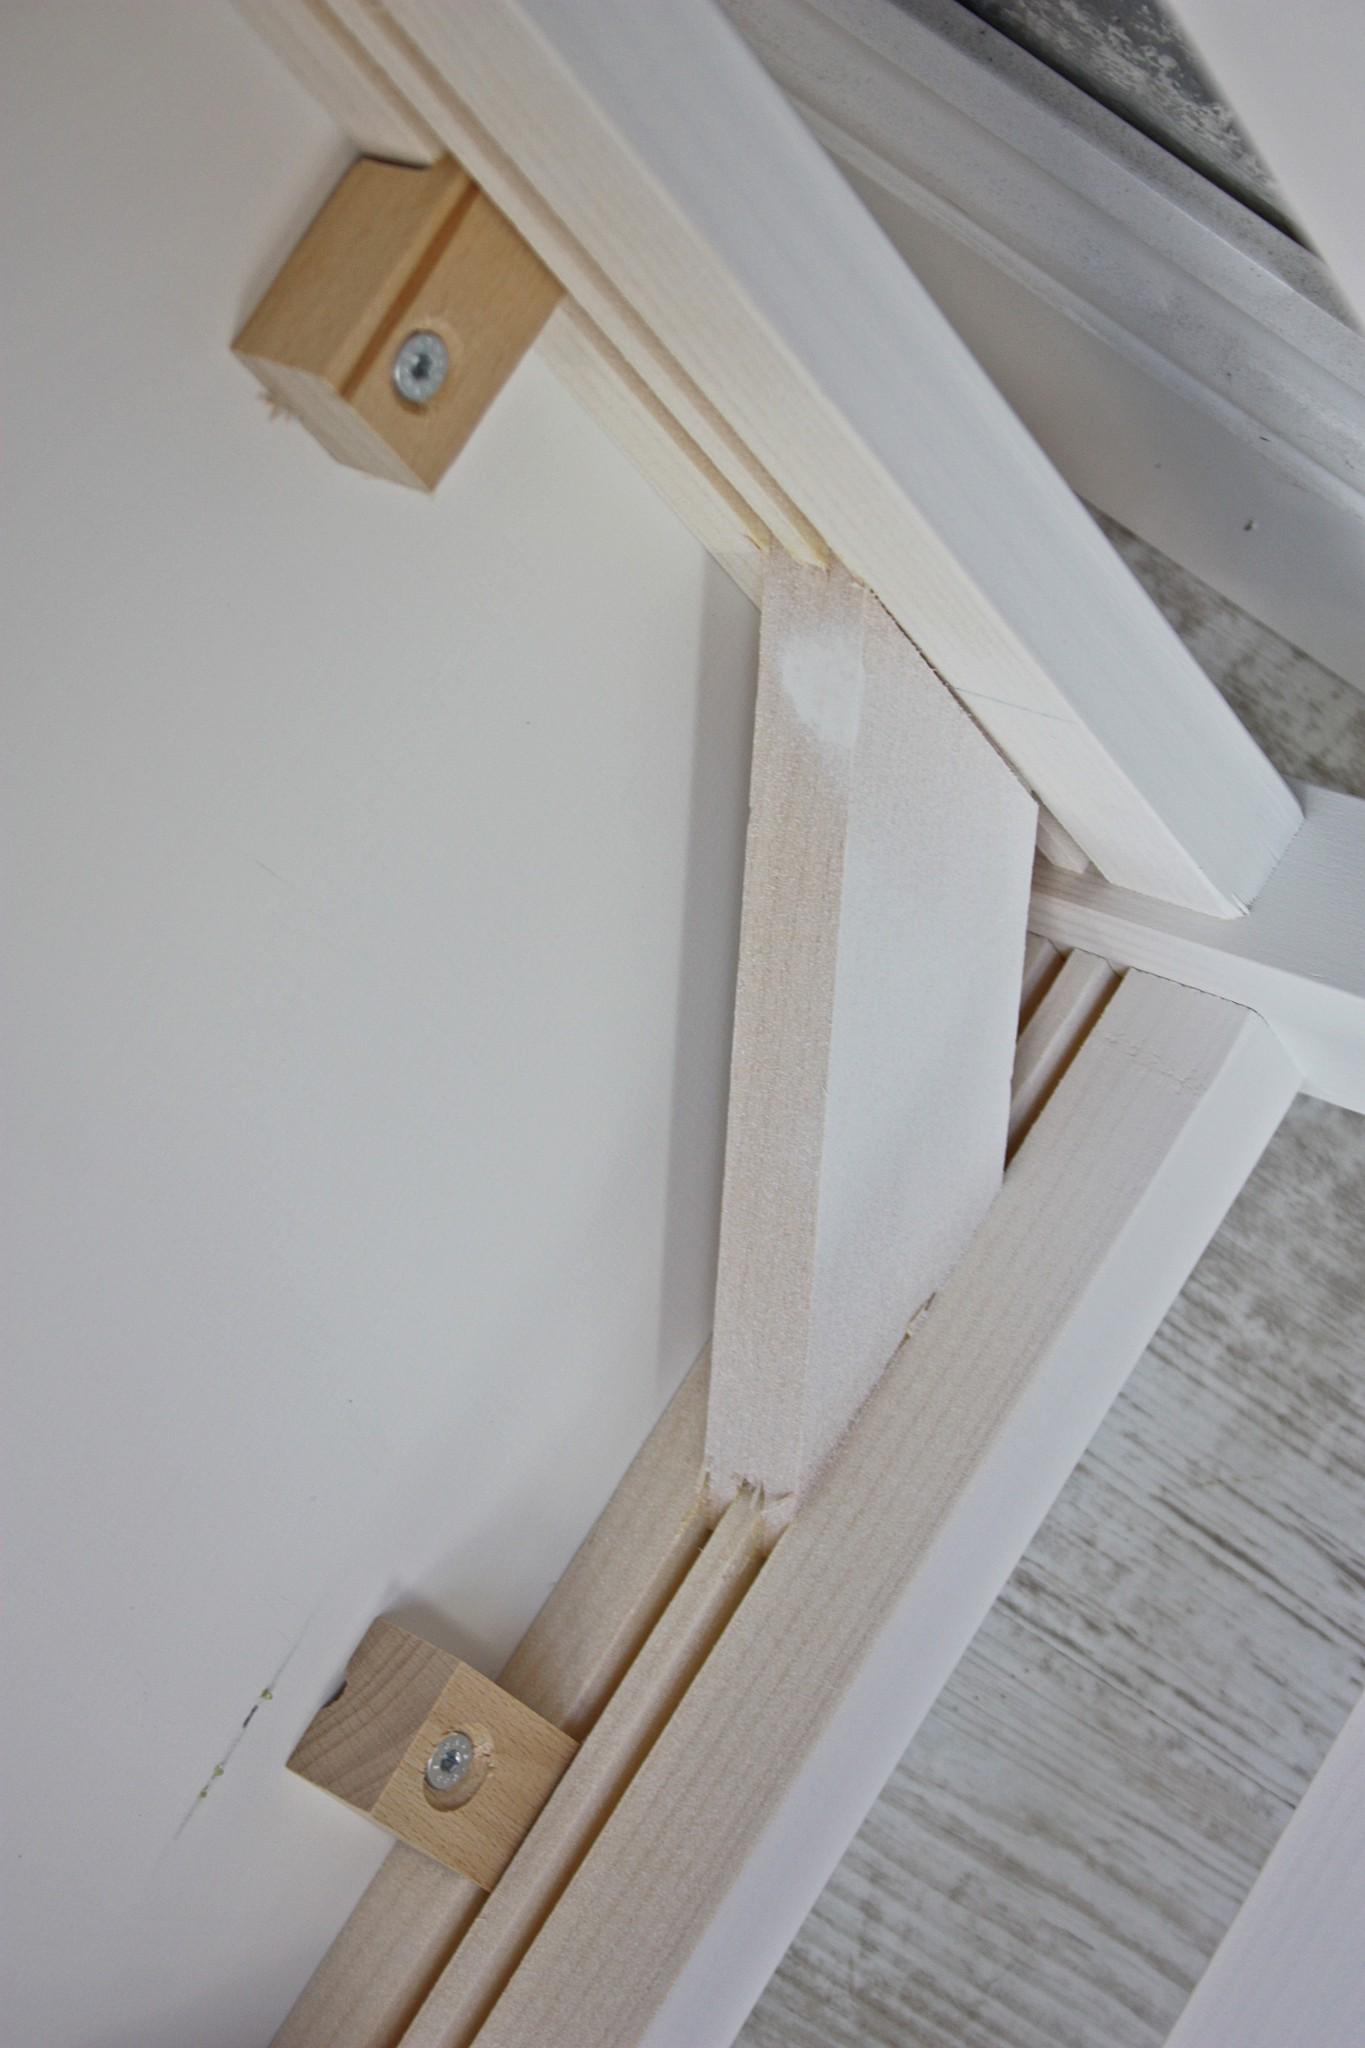 2x stuhl holzstuhl k chenstuhl lena massiv wei holz. Black Bedroom Furniture Sets. Home Design Ideas